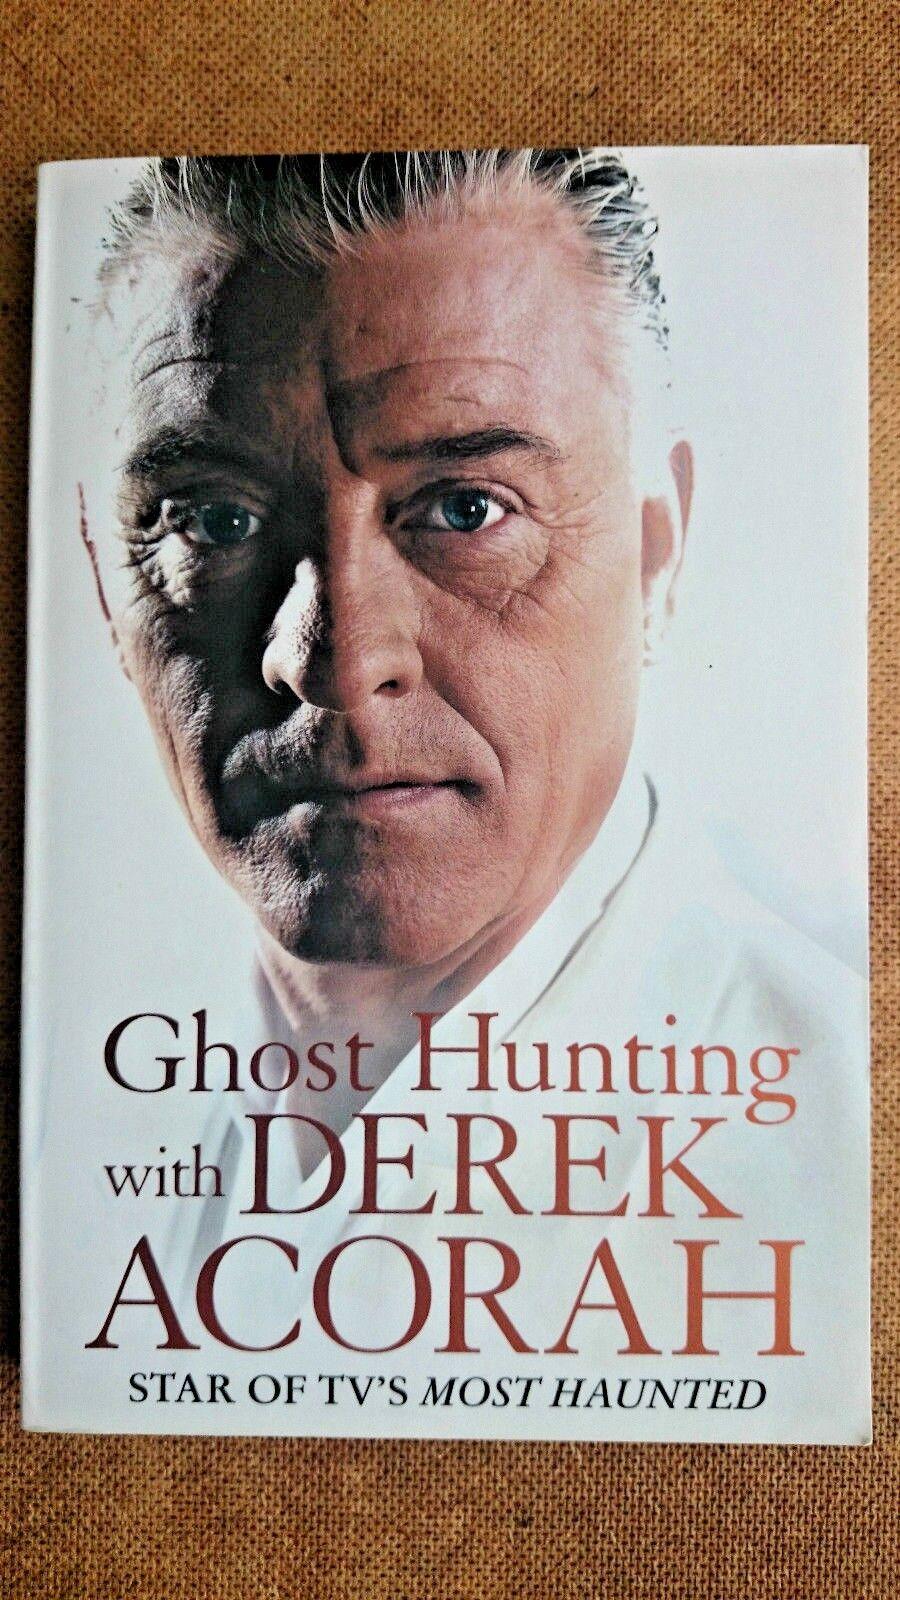 Ghost Hunting with Derek Acorah by Derek Acorah (Paperback, 2005)